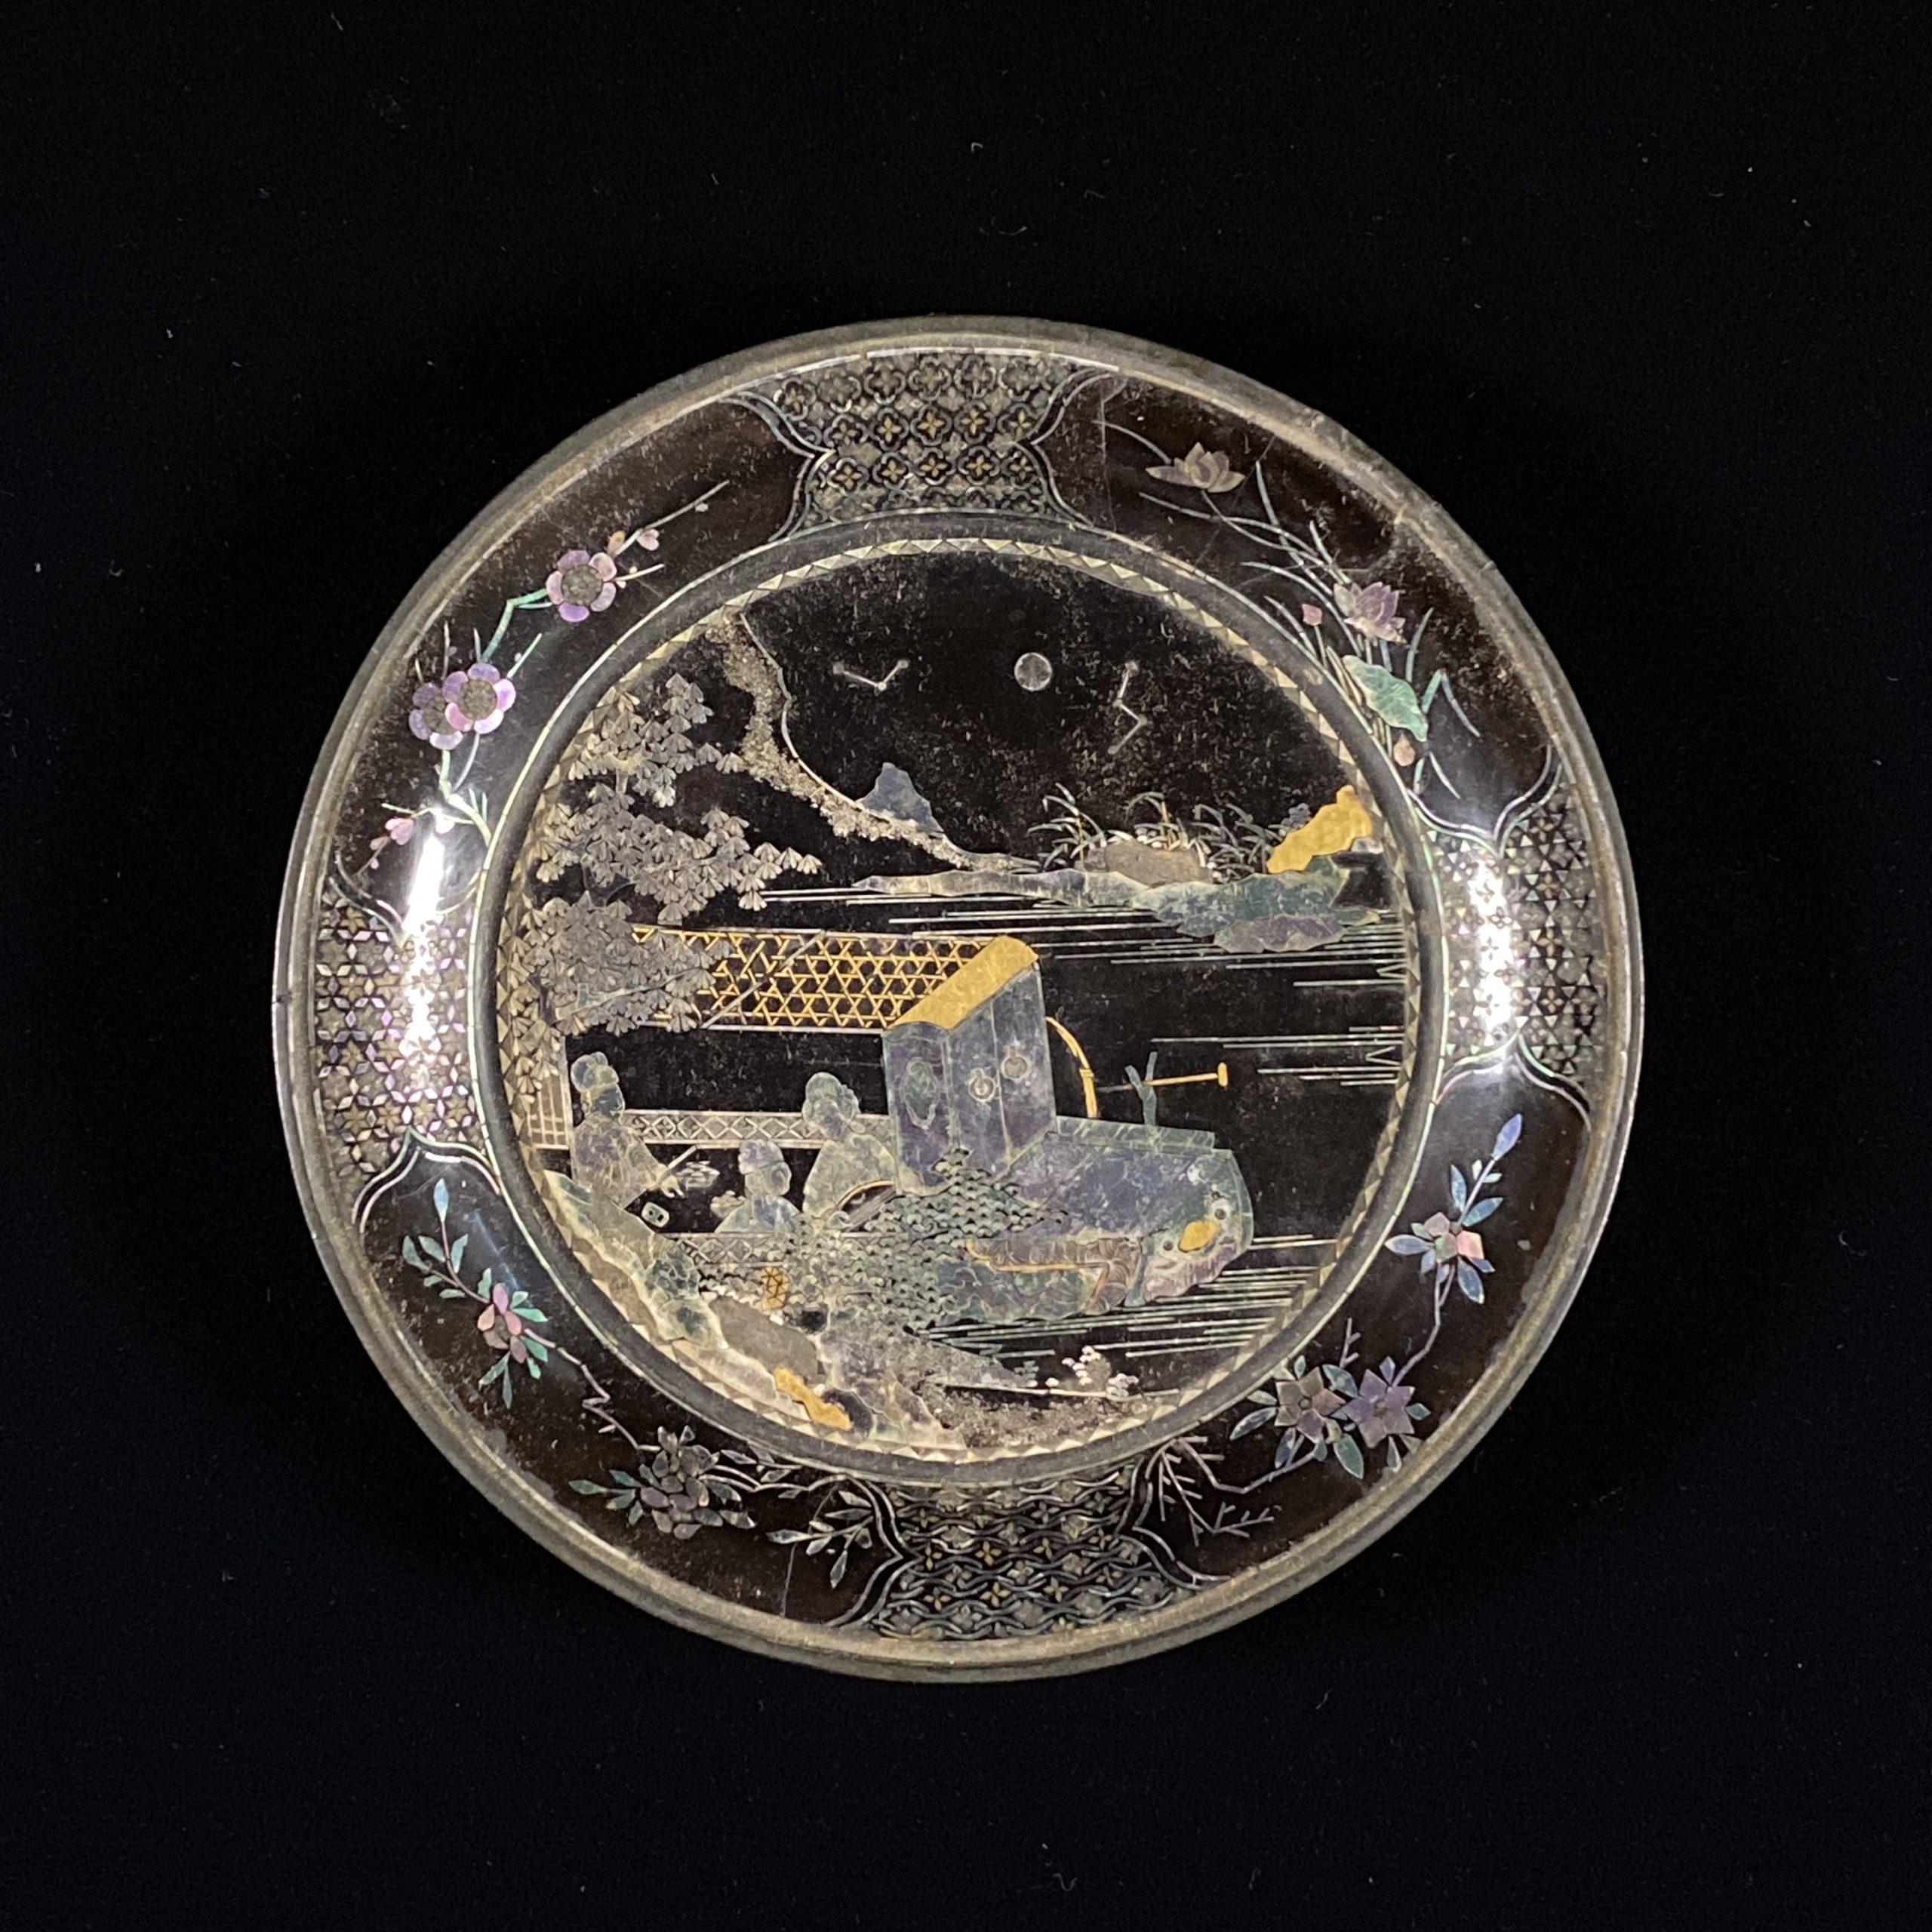 21654清早期「千里」款 黒漆嵌螺鈿 舟人物紋 盤